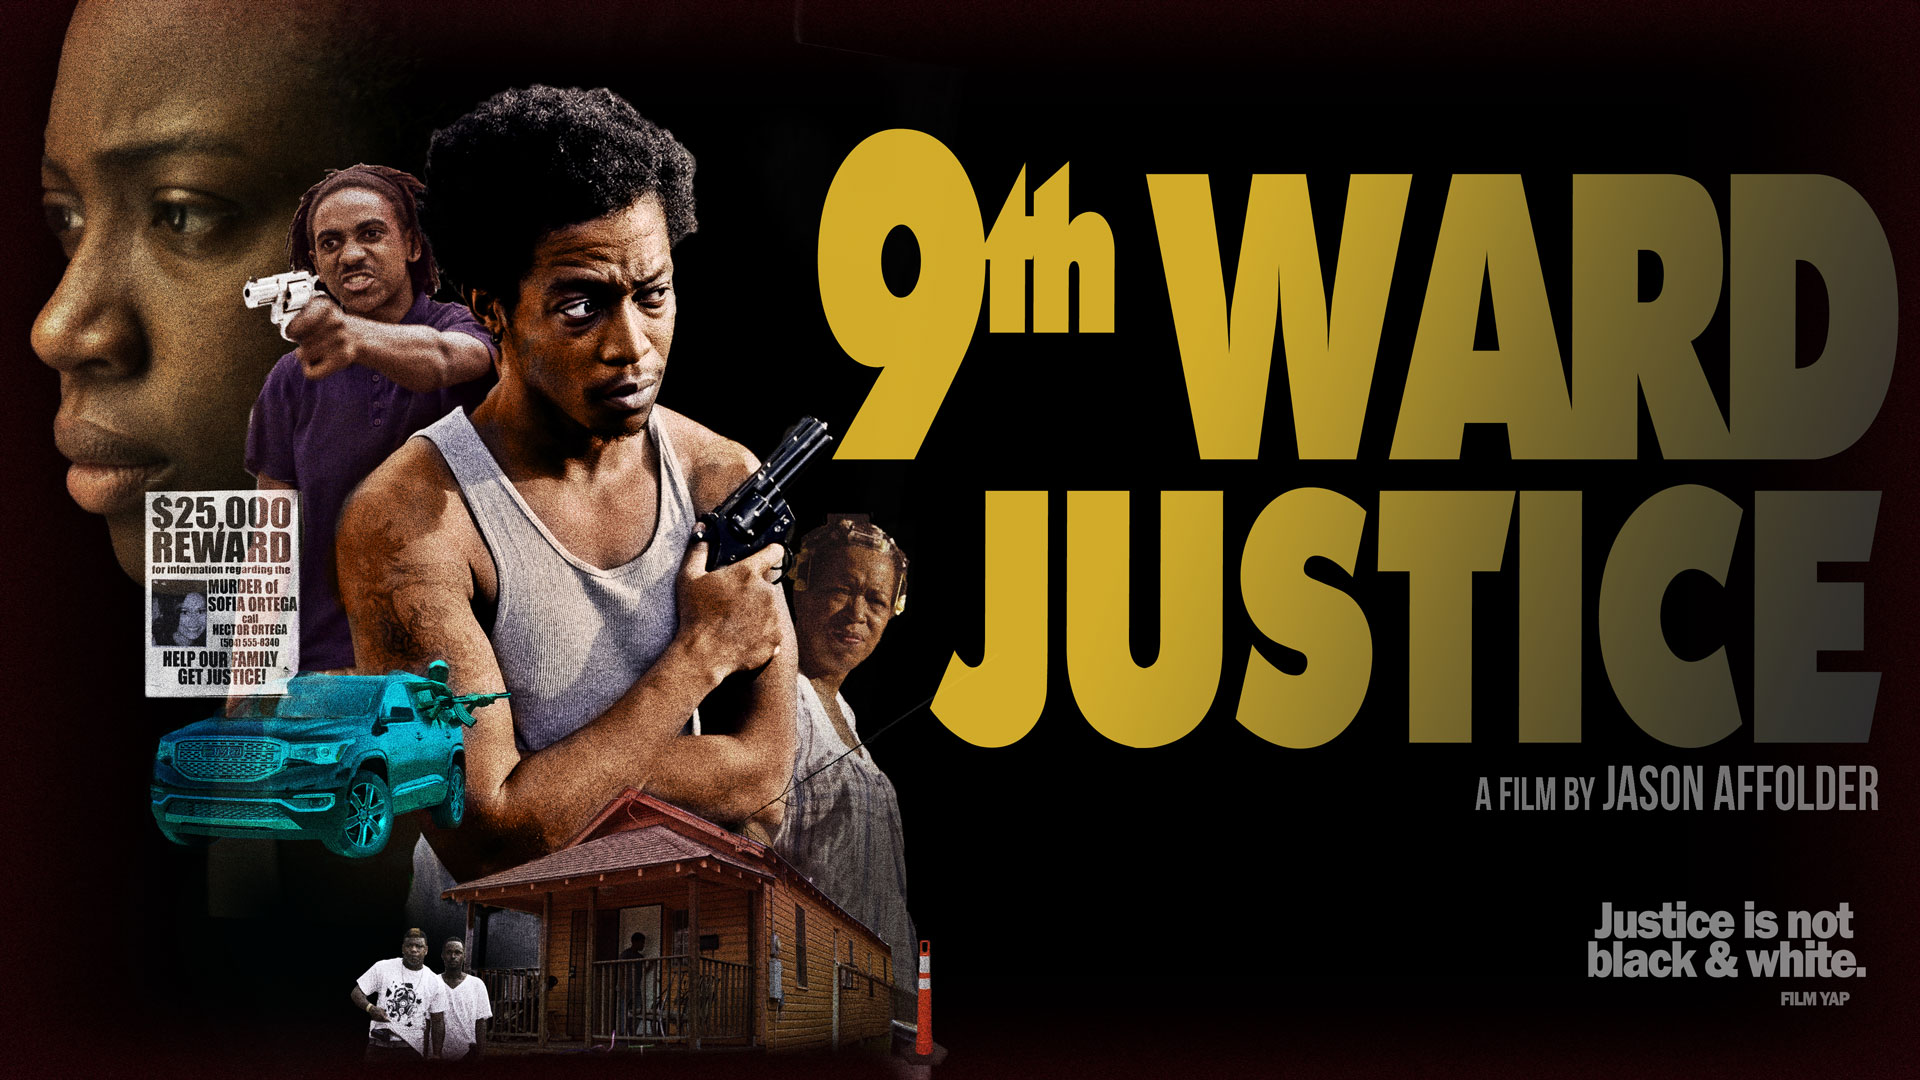 9th Ward Justice